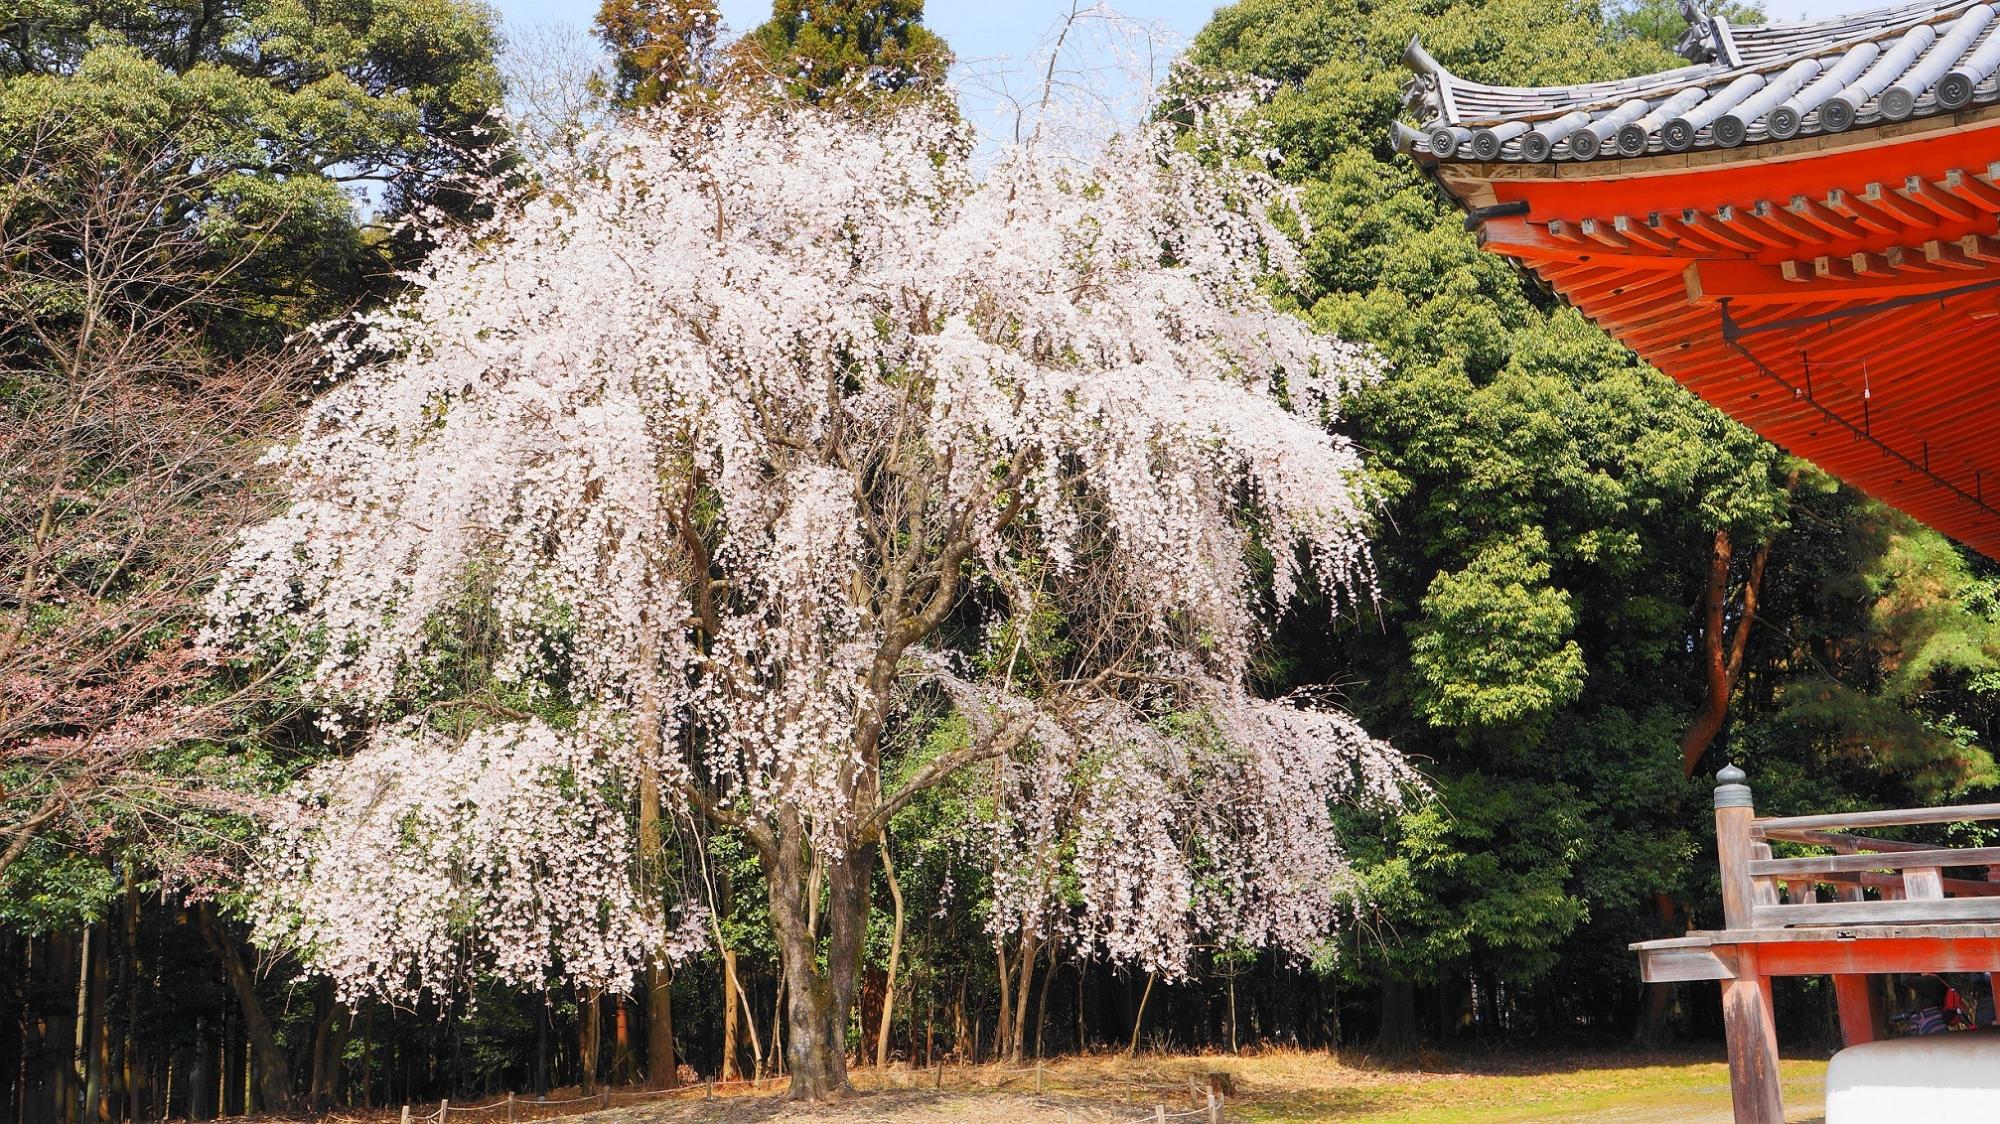 京都醍醐寺の金堂横の巨木の満開のしだれ桜